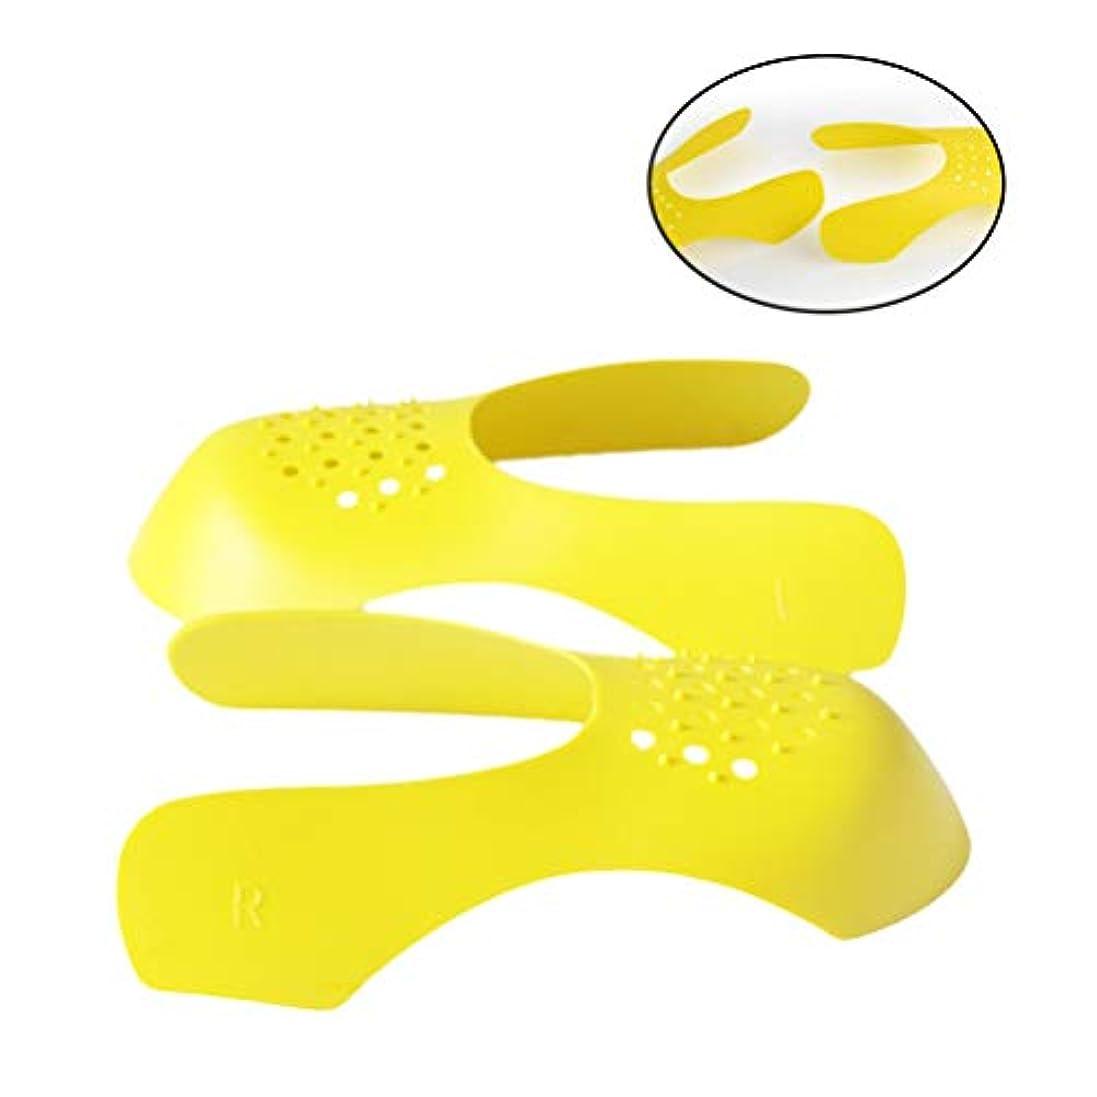 ランクノミネート技術HEALLILY 靴プロテクター1ペアしわ防止装置しわ防止フロントしわ靴サポートサイズl 40-45(黄色)